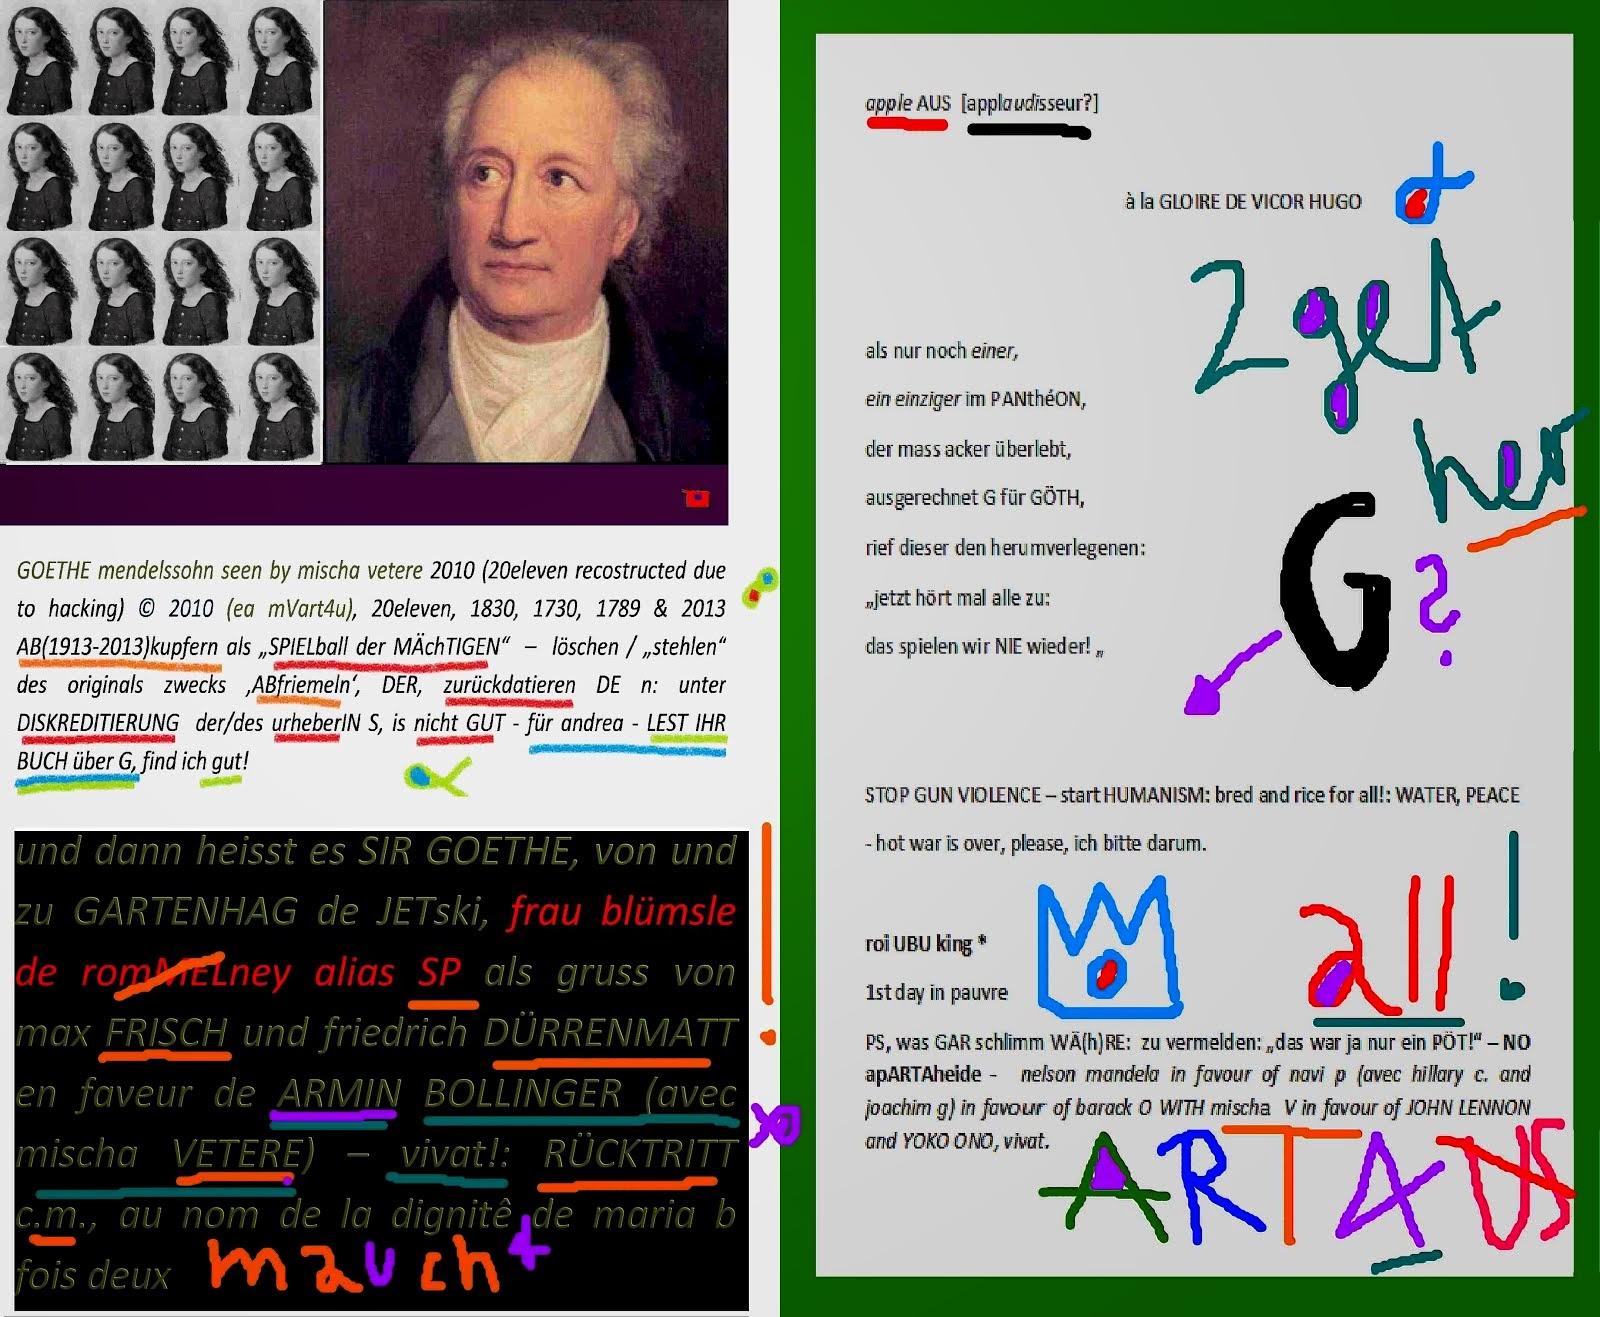 applause poème POUR la SOLIDARITÉ à l' honneur de G AVEC mendelssohn by mischa vetere 2013